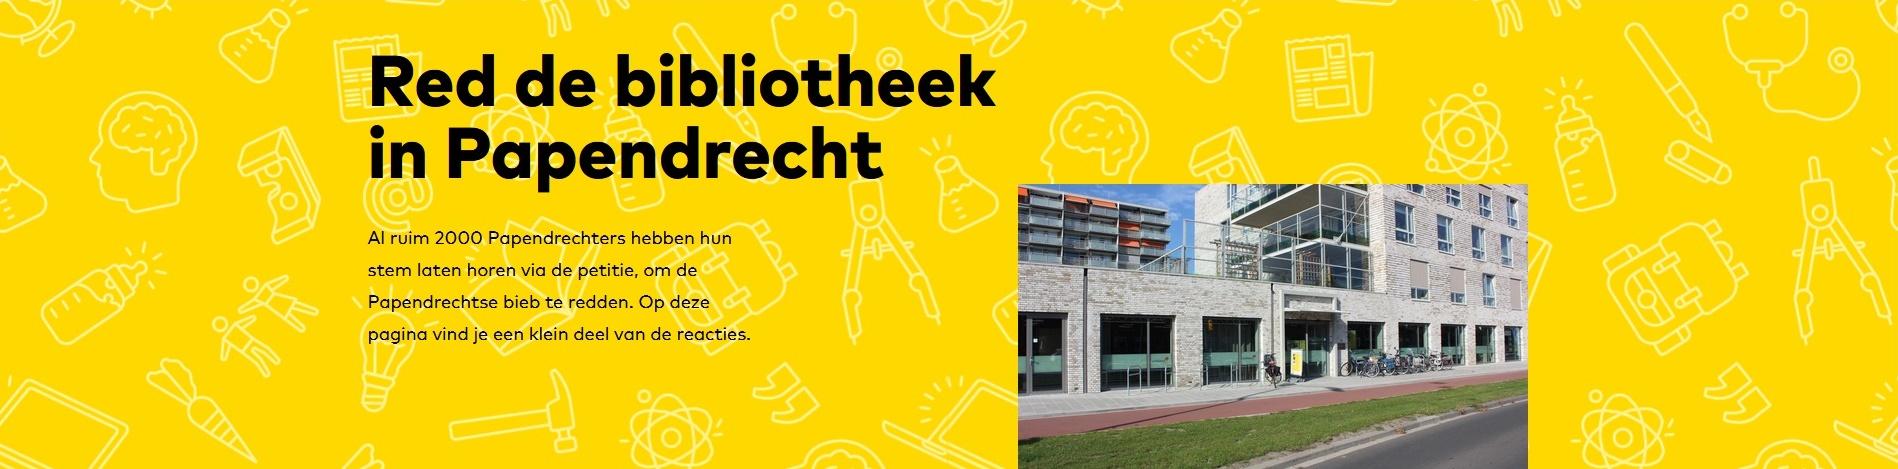 Red de bibliotheek in Papendrecht, deel 2